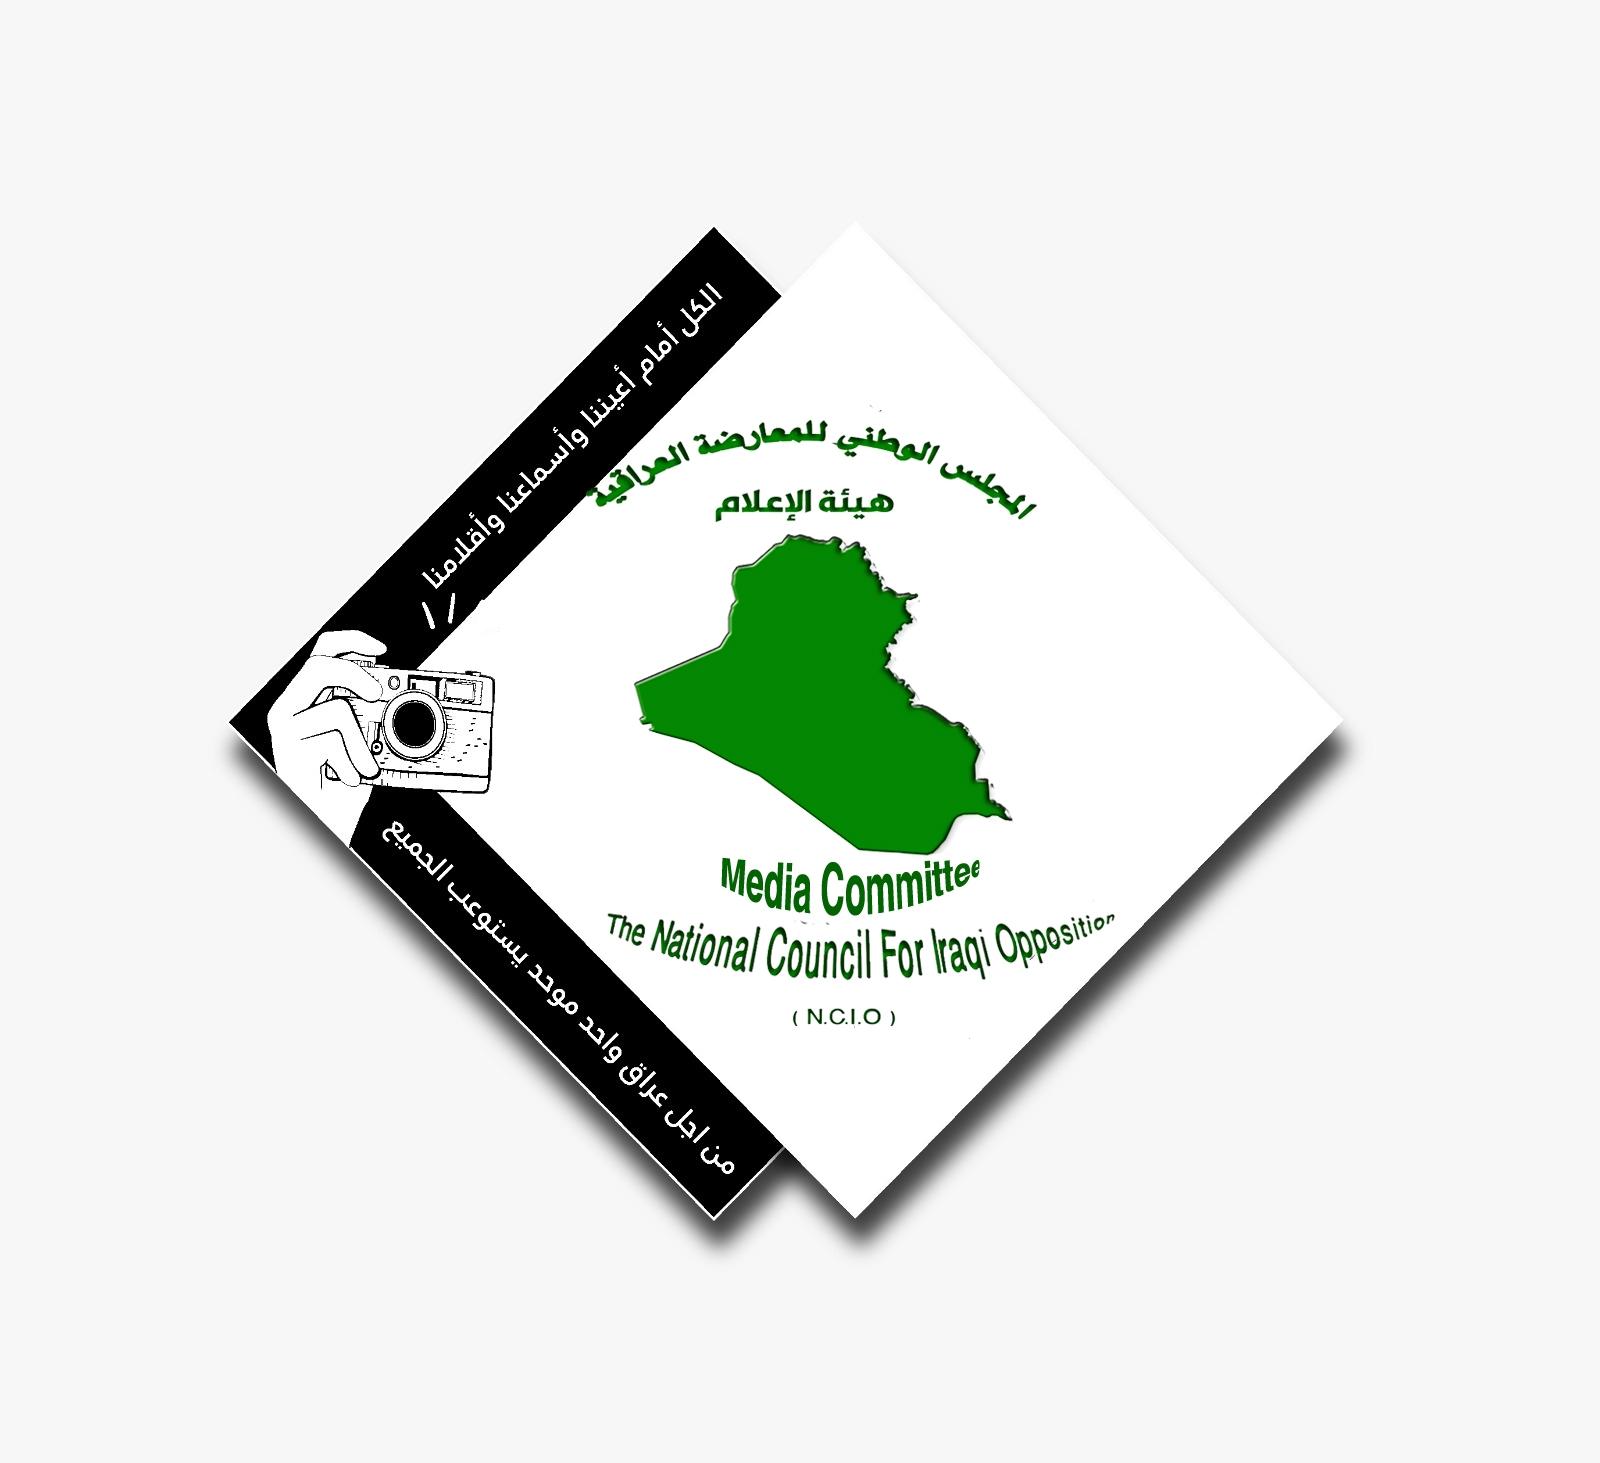 Iالمجلس الوطني للمعارضة العراقية ينعى الدكتور كاظم العبودي